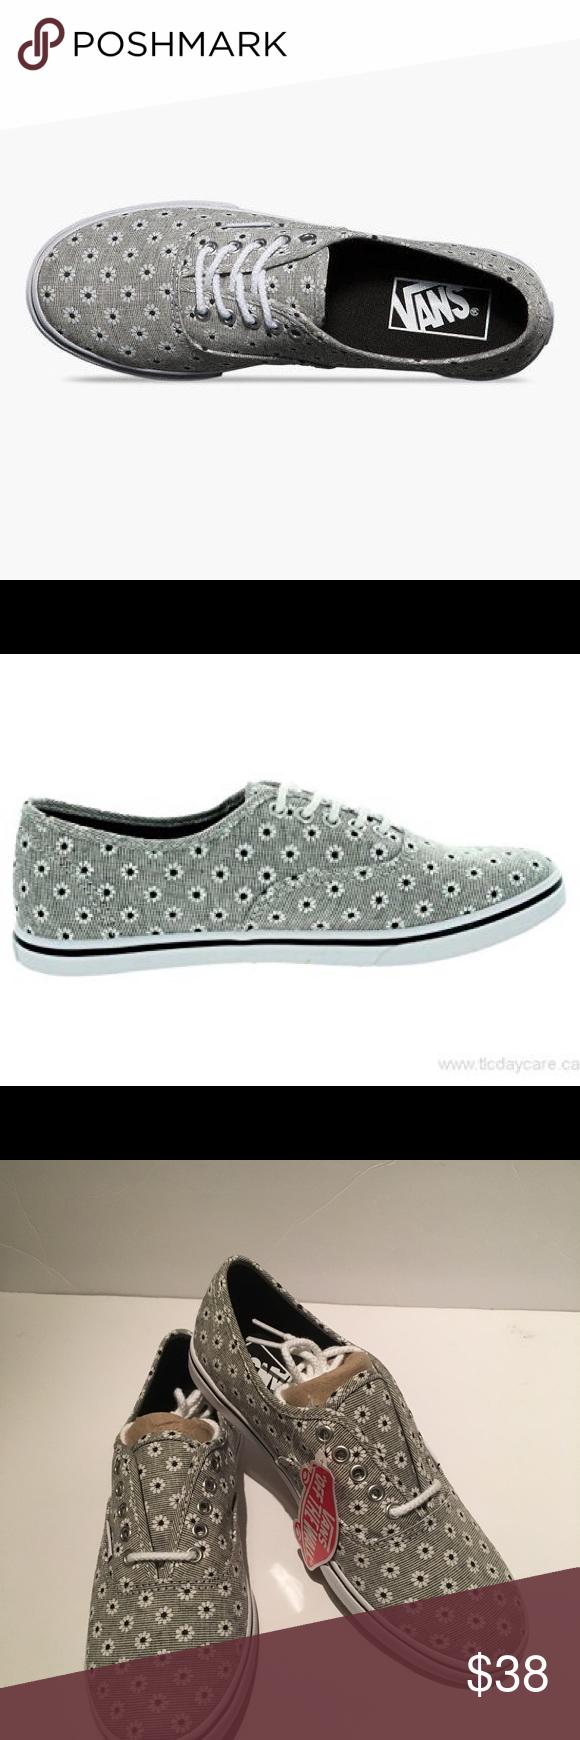 87440805d3 Vans Authentic Lo Pro (Chambray Floral) Black True White Size 5.0 Men